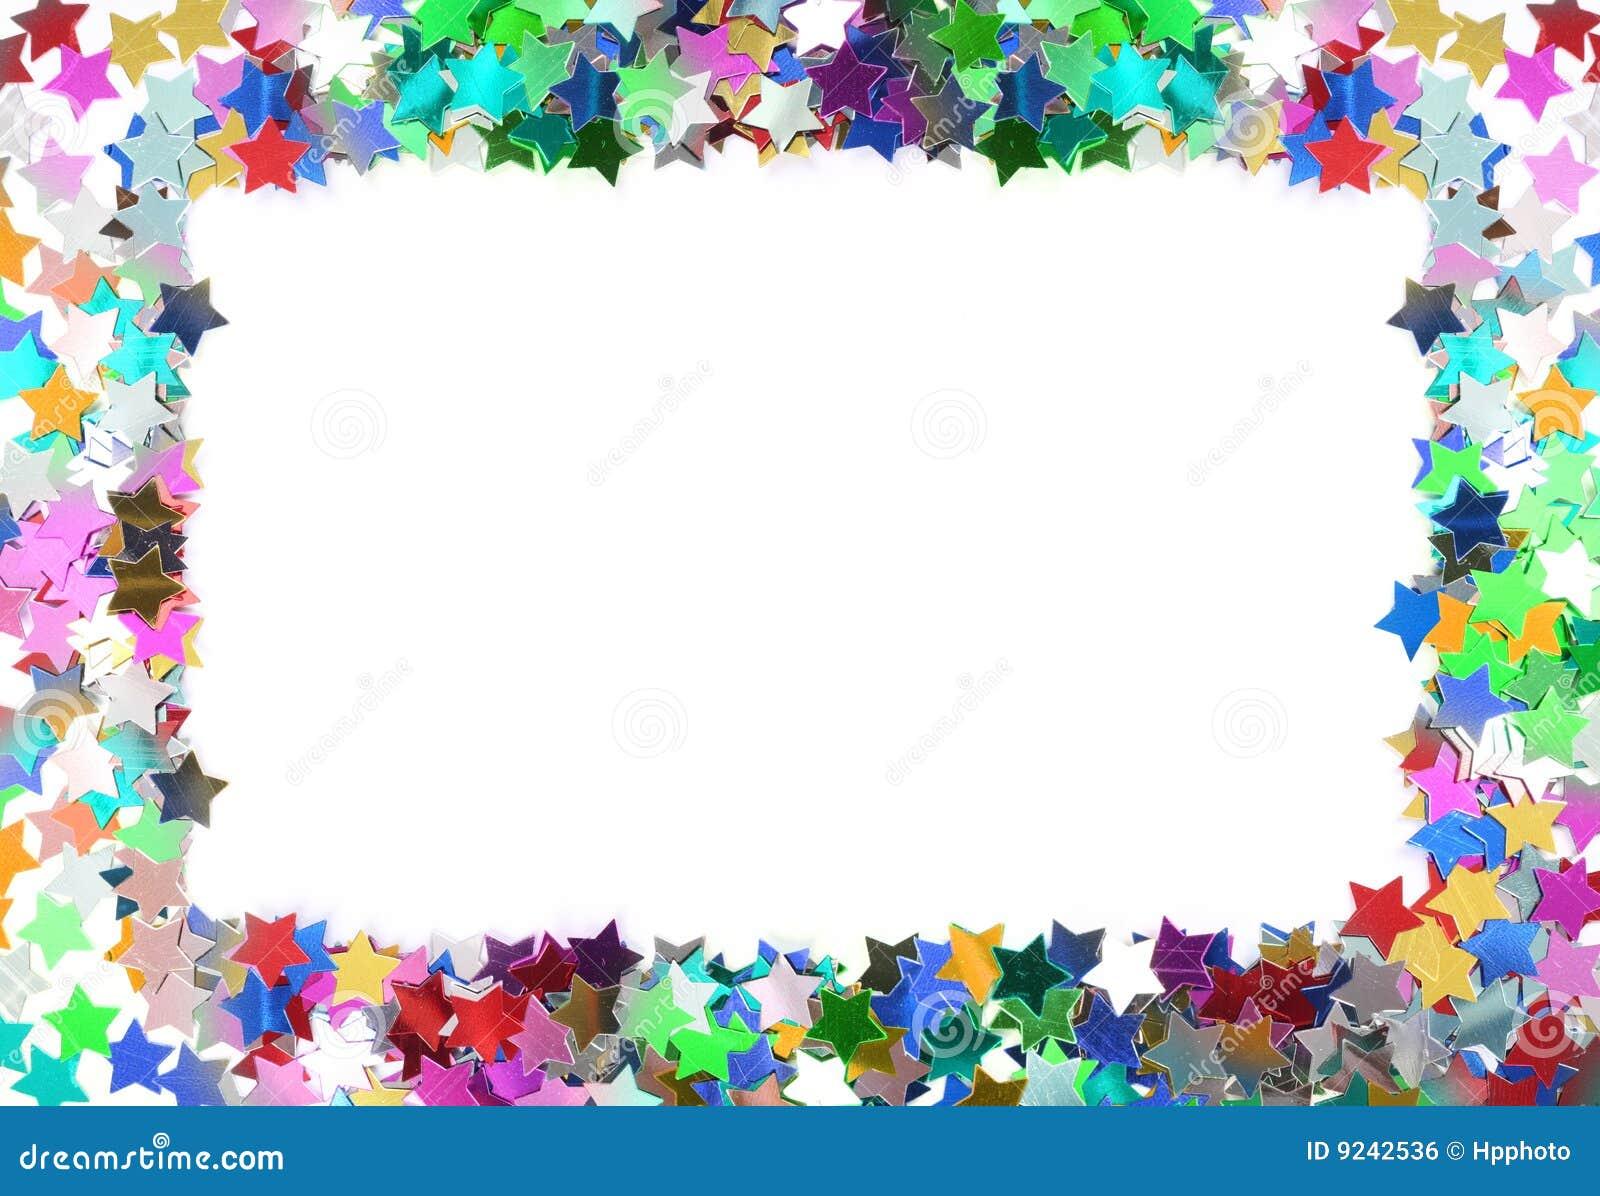 Colorful confetti frame. Stars in the form of confetti.